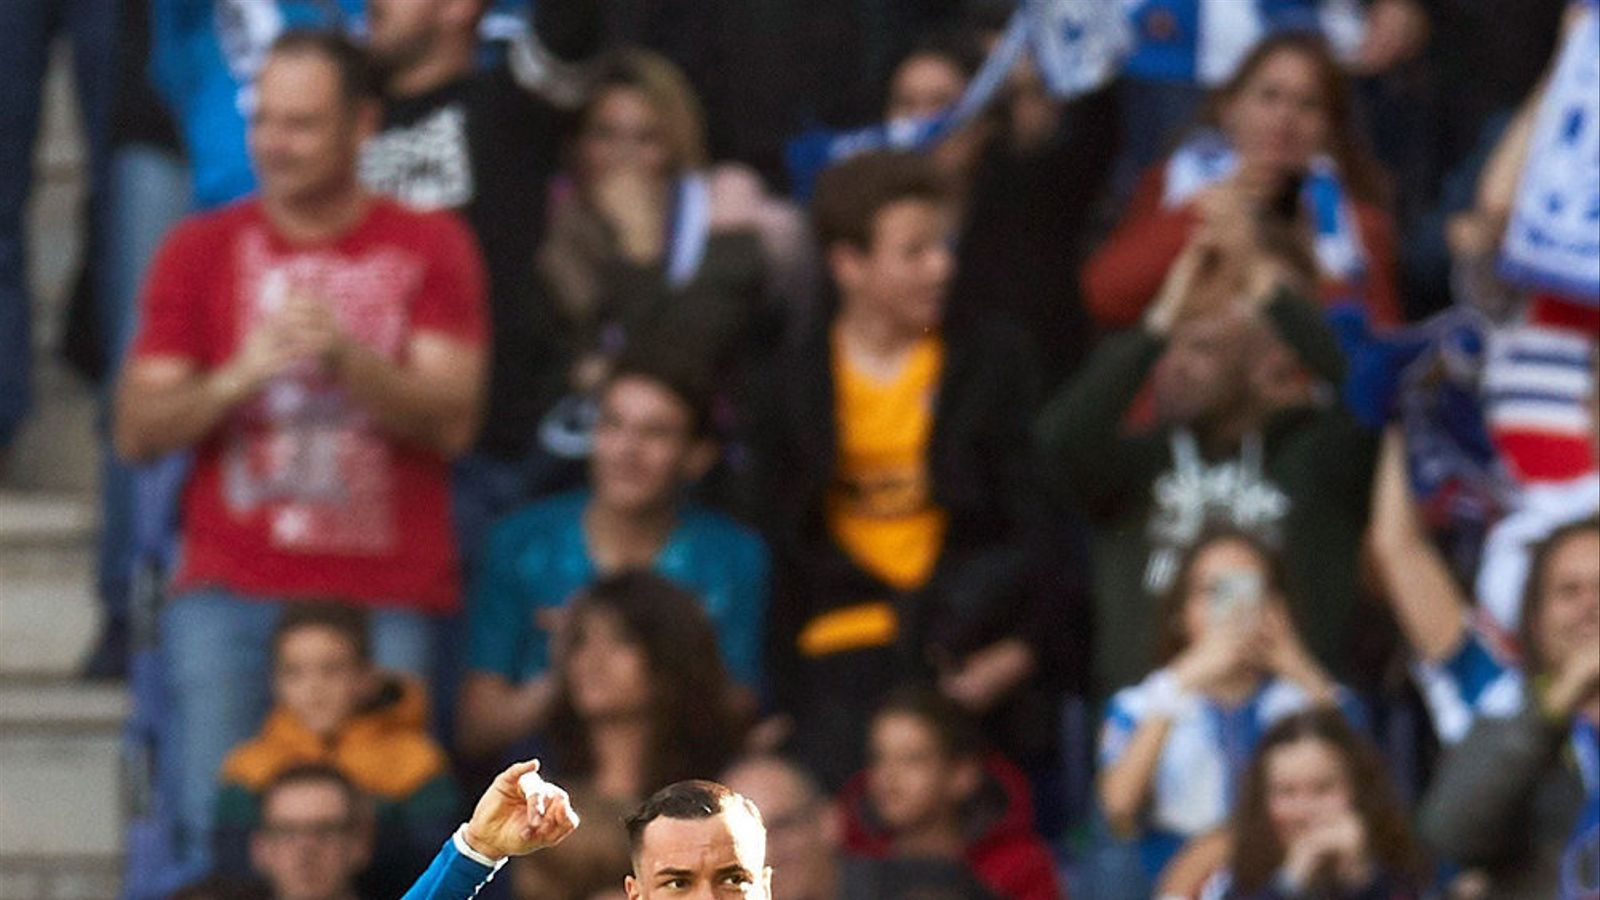 L'Espanyol, cara a cara amb el seu passat en un partit clau pel futur